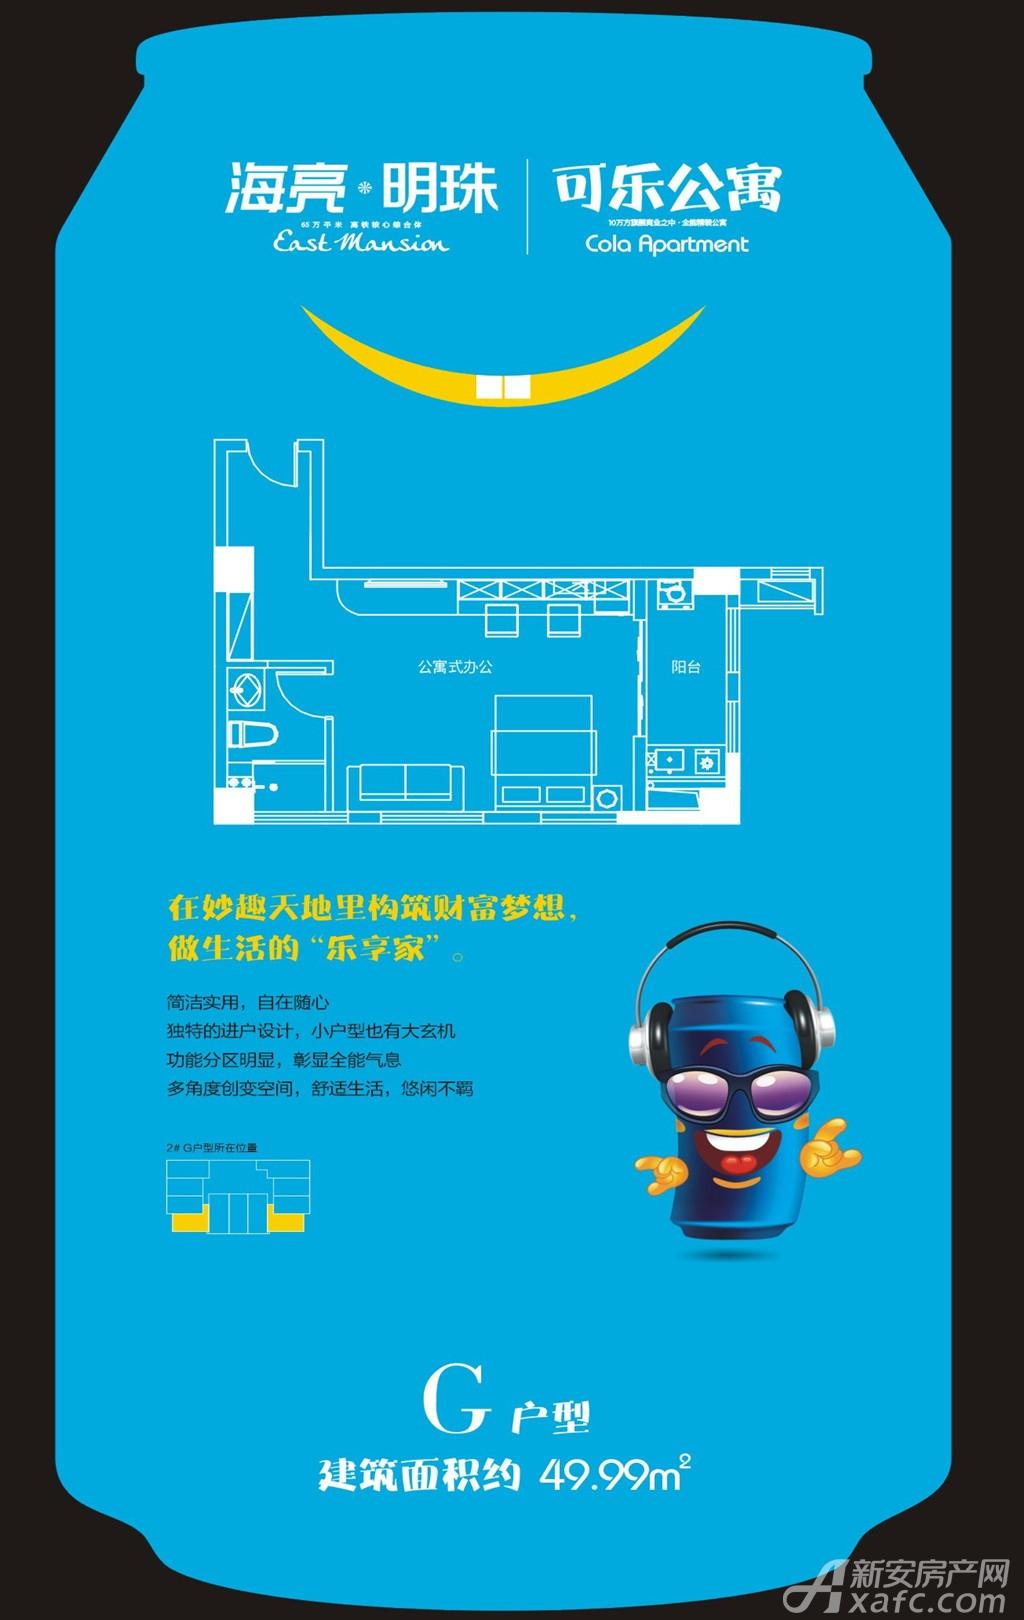 海亮明珠G(公寓)户型1室1厅49.99平米